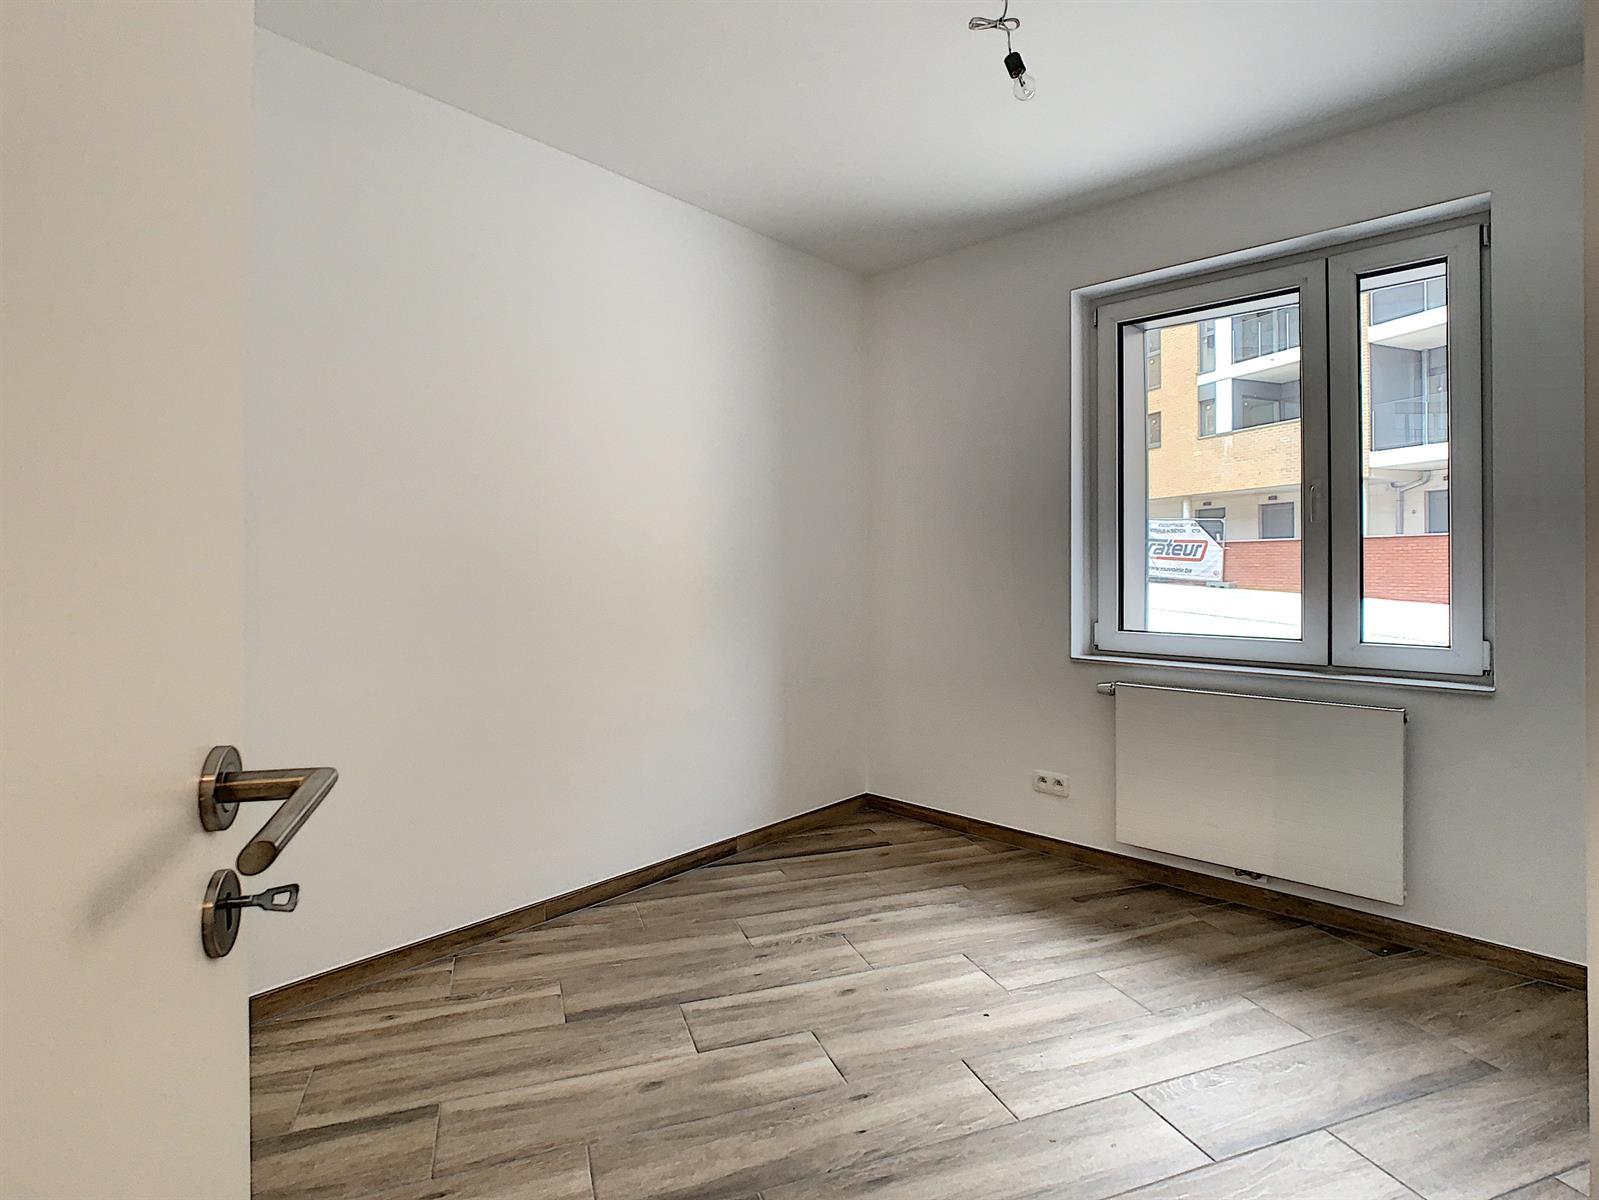 Appartement - Louvain-la-Neuve - #4149935-9